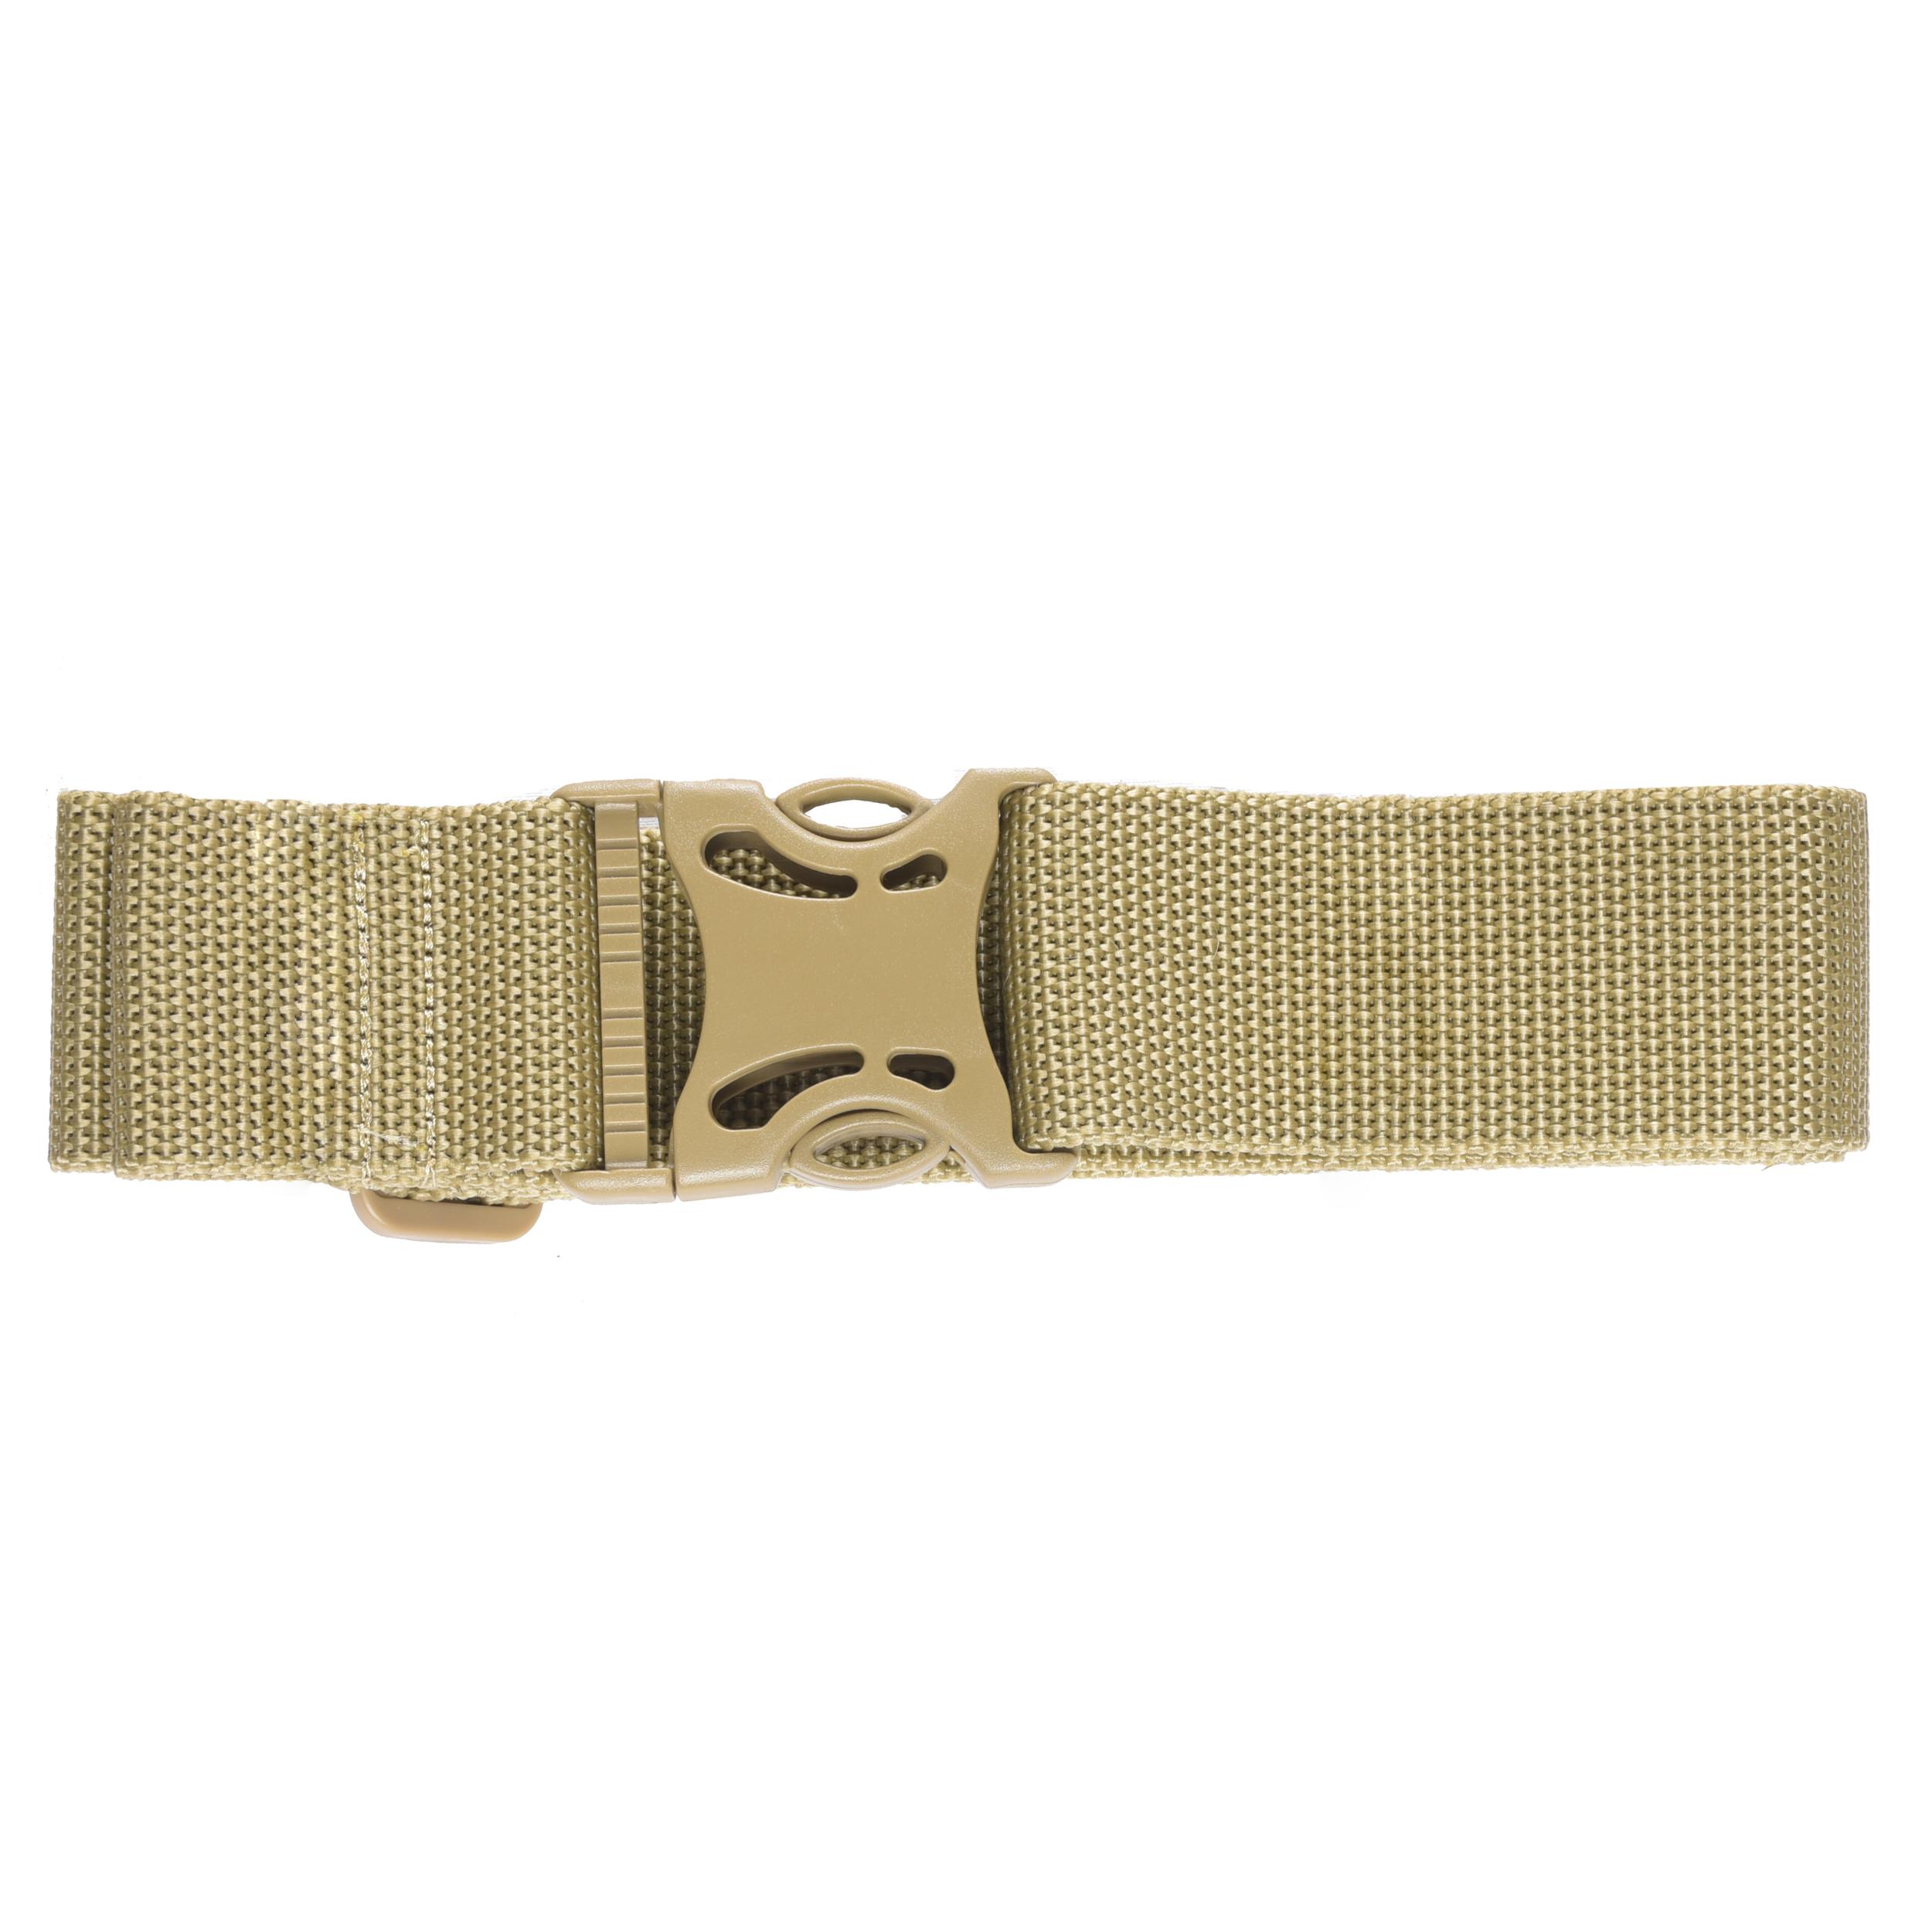 GPS Web Belt 2in Heavy Duty ABS Buckle 28in-52in Tan